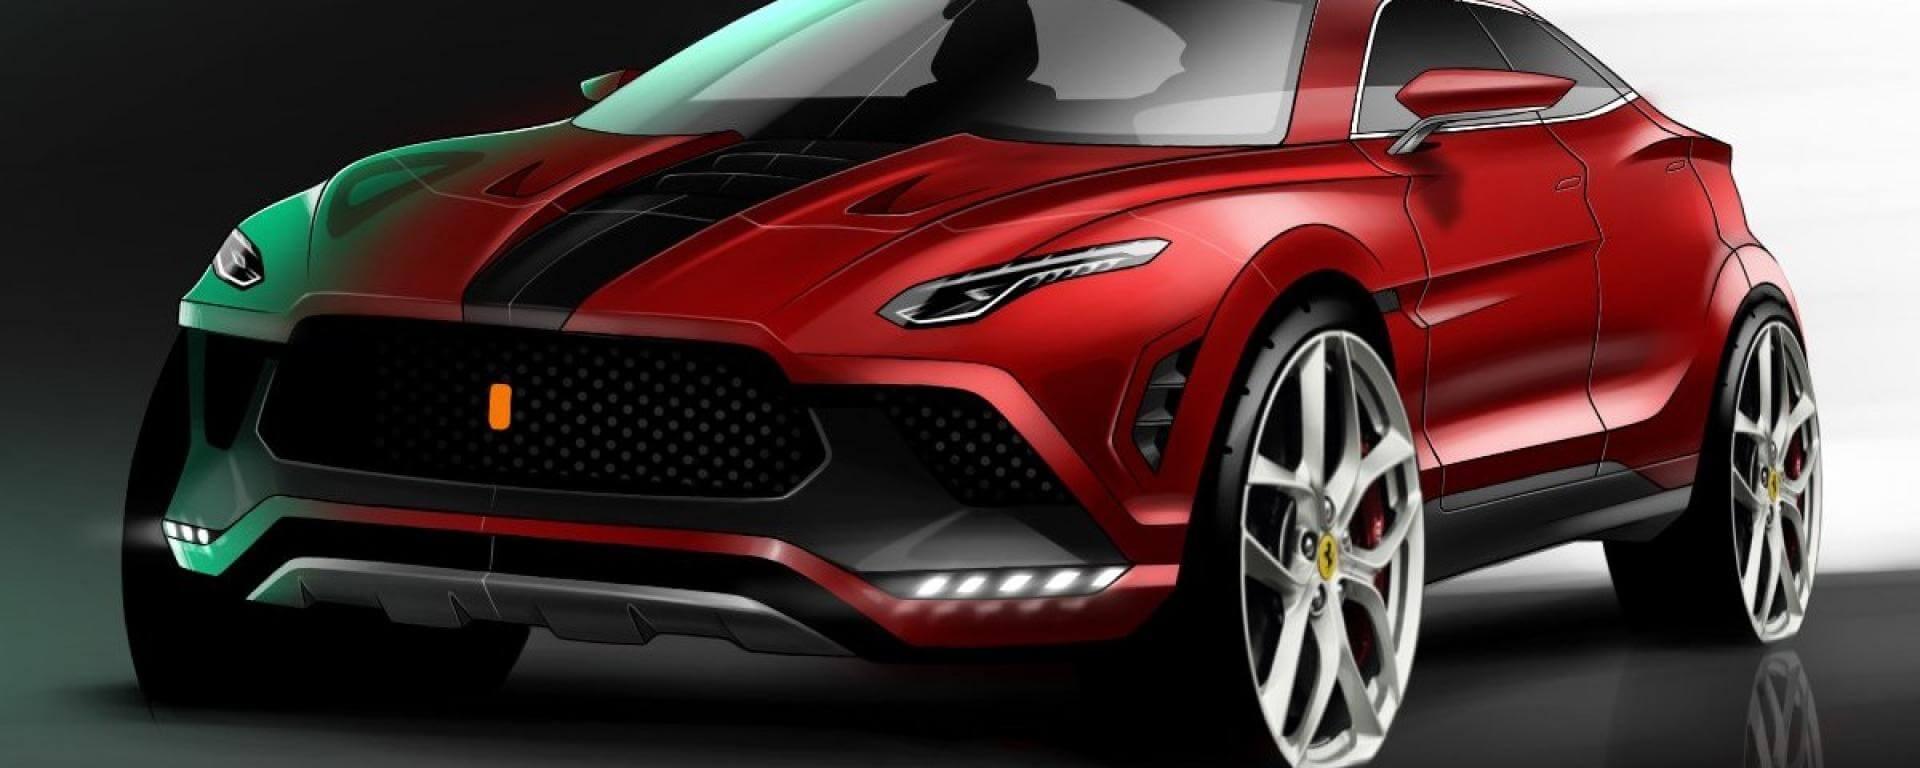 Ferrari Purosangue, el SUV de lujo